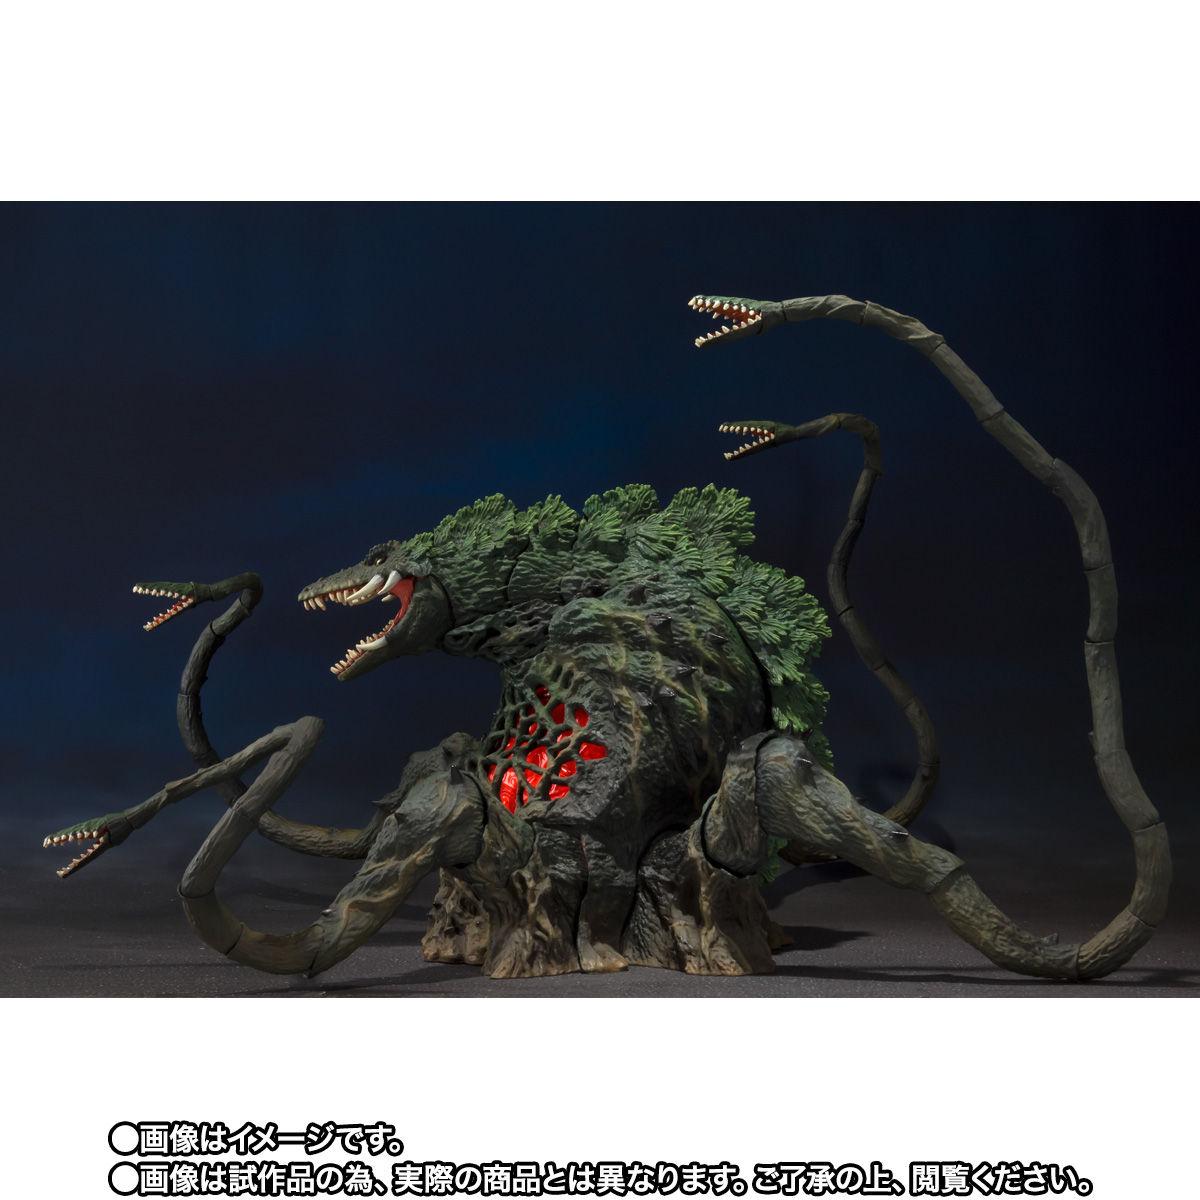 【限定販売】S.H.MonsterArts『ビオランテ Special Color Ver.』ゴジラvsビオランテ 可動フィギュア-004